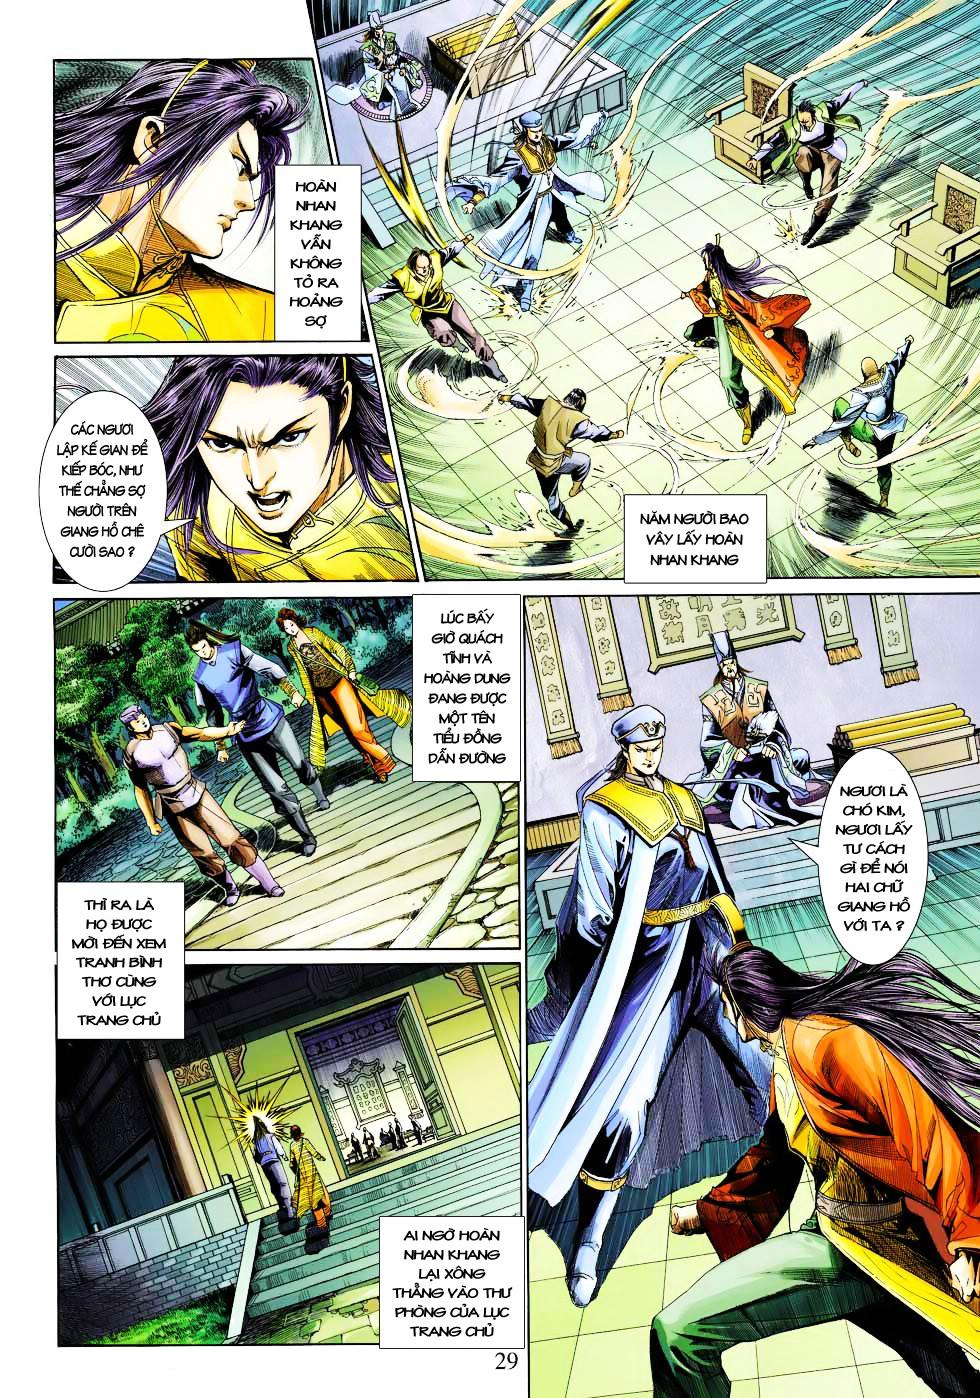 Anh Hùng Xạ Điêu anh hùng xạ đêu chap 27 trang 29